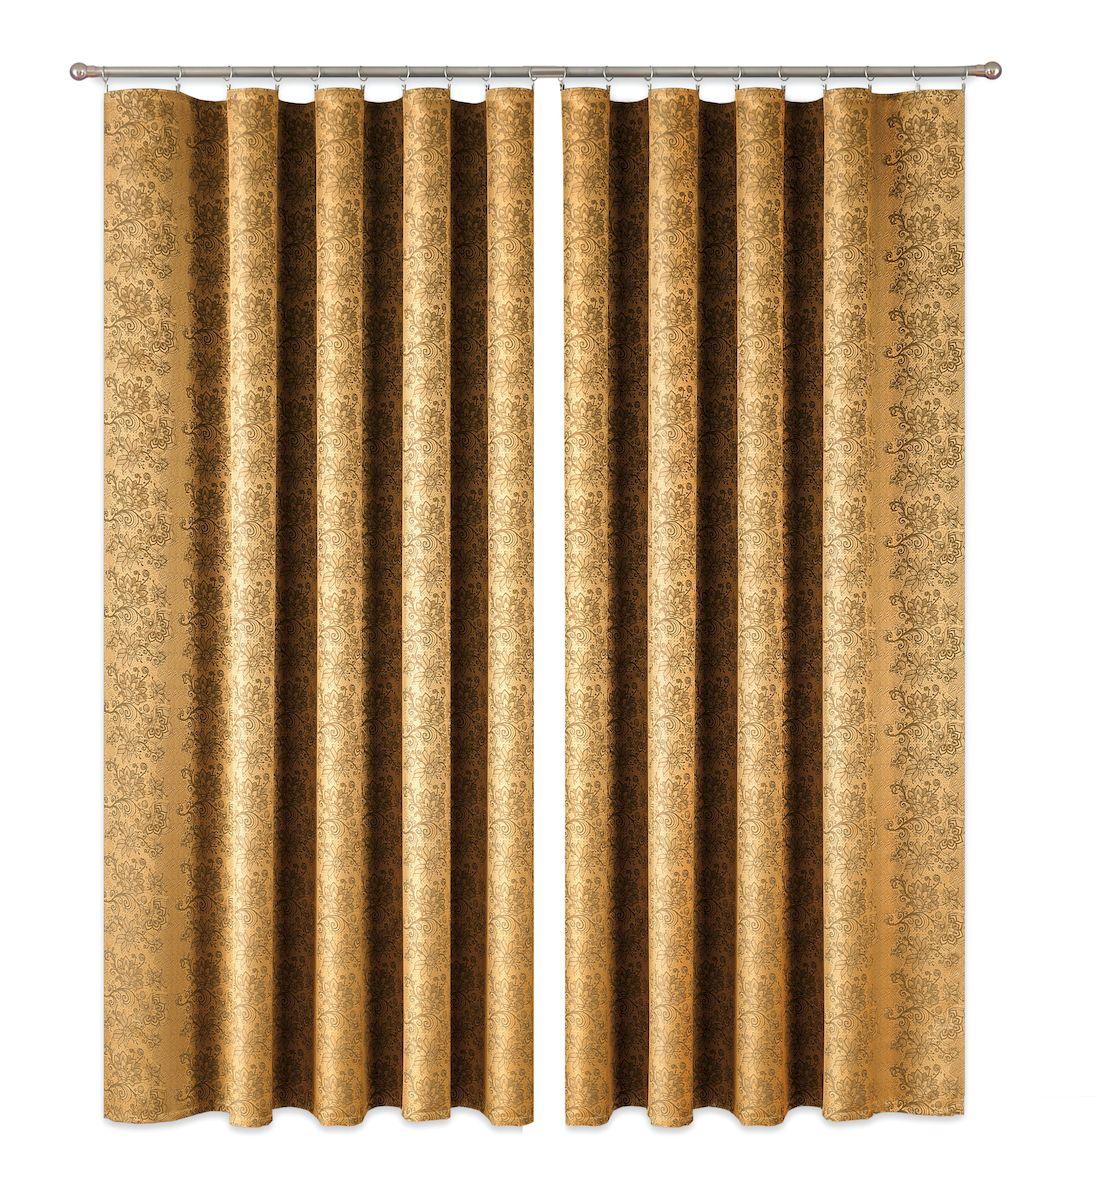 Комплект штор P Primavera Firany, цвет: золотистый, высота 270 см. 11100151110015Комплект штор из полиэстровой жаккардовой ткани с пришитой шторной лентой. Размер - ширина 180 см высота 270см. Набор 2 штуки. Цвет золото. Размер: ширина 180 х высота 270